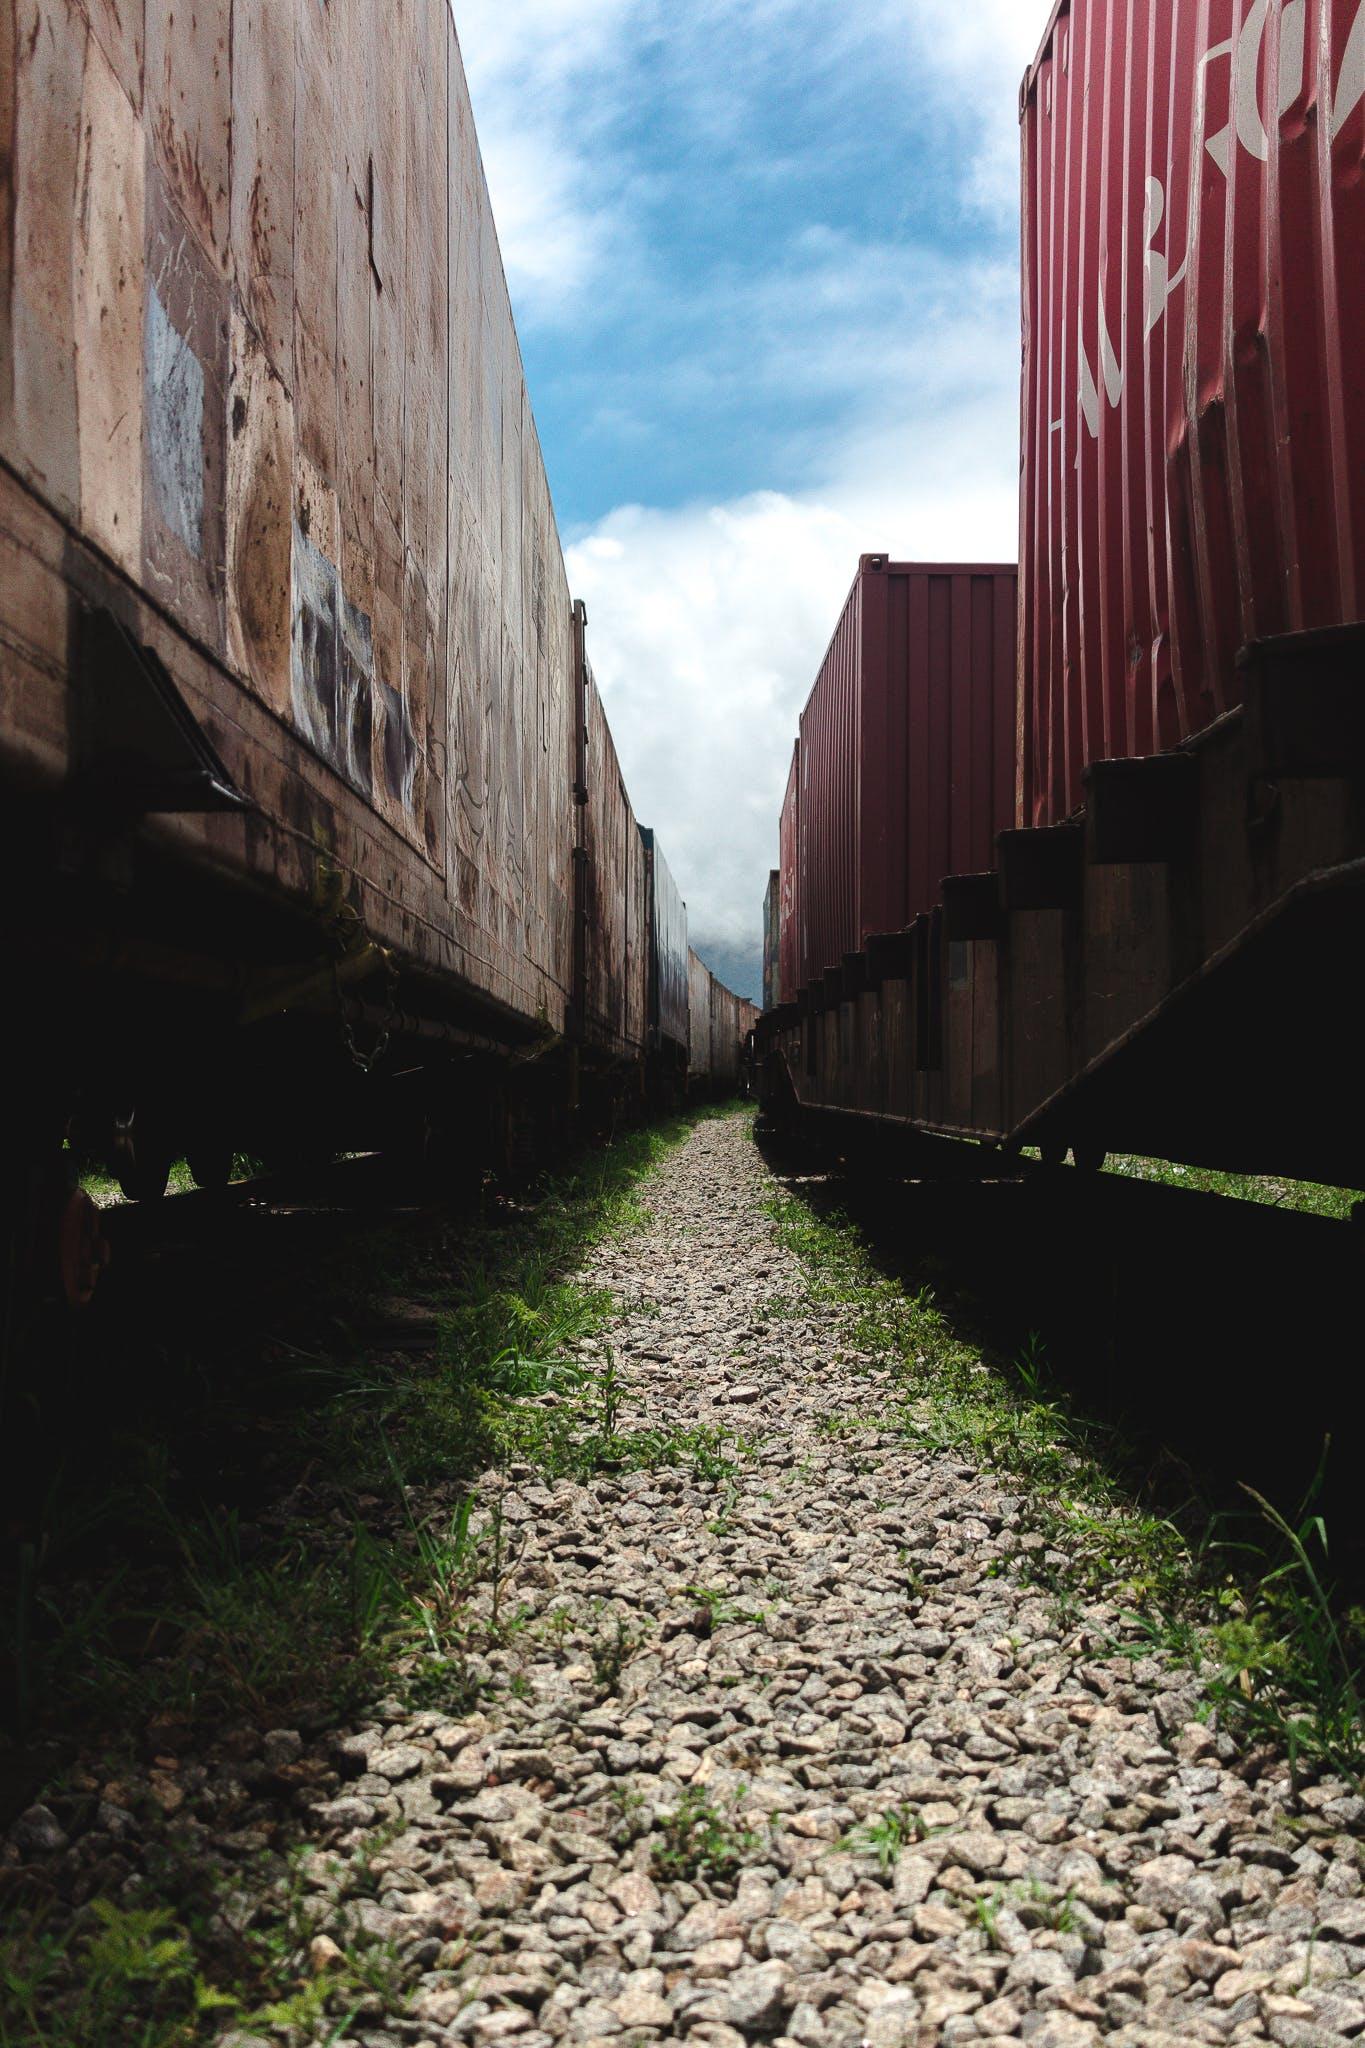 Free stock photo of área urbana, cargueiro, céu azul, grama verde